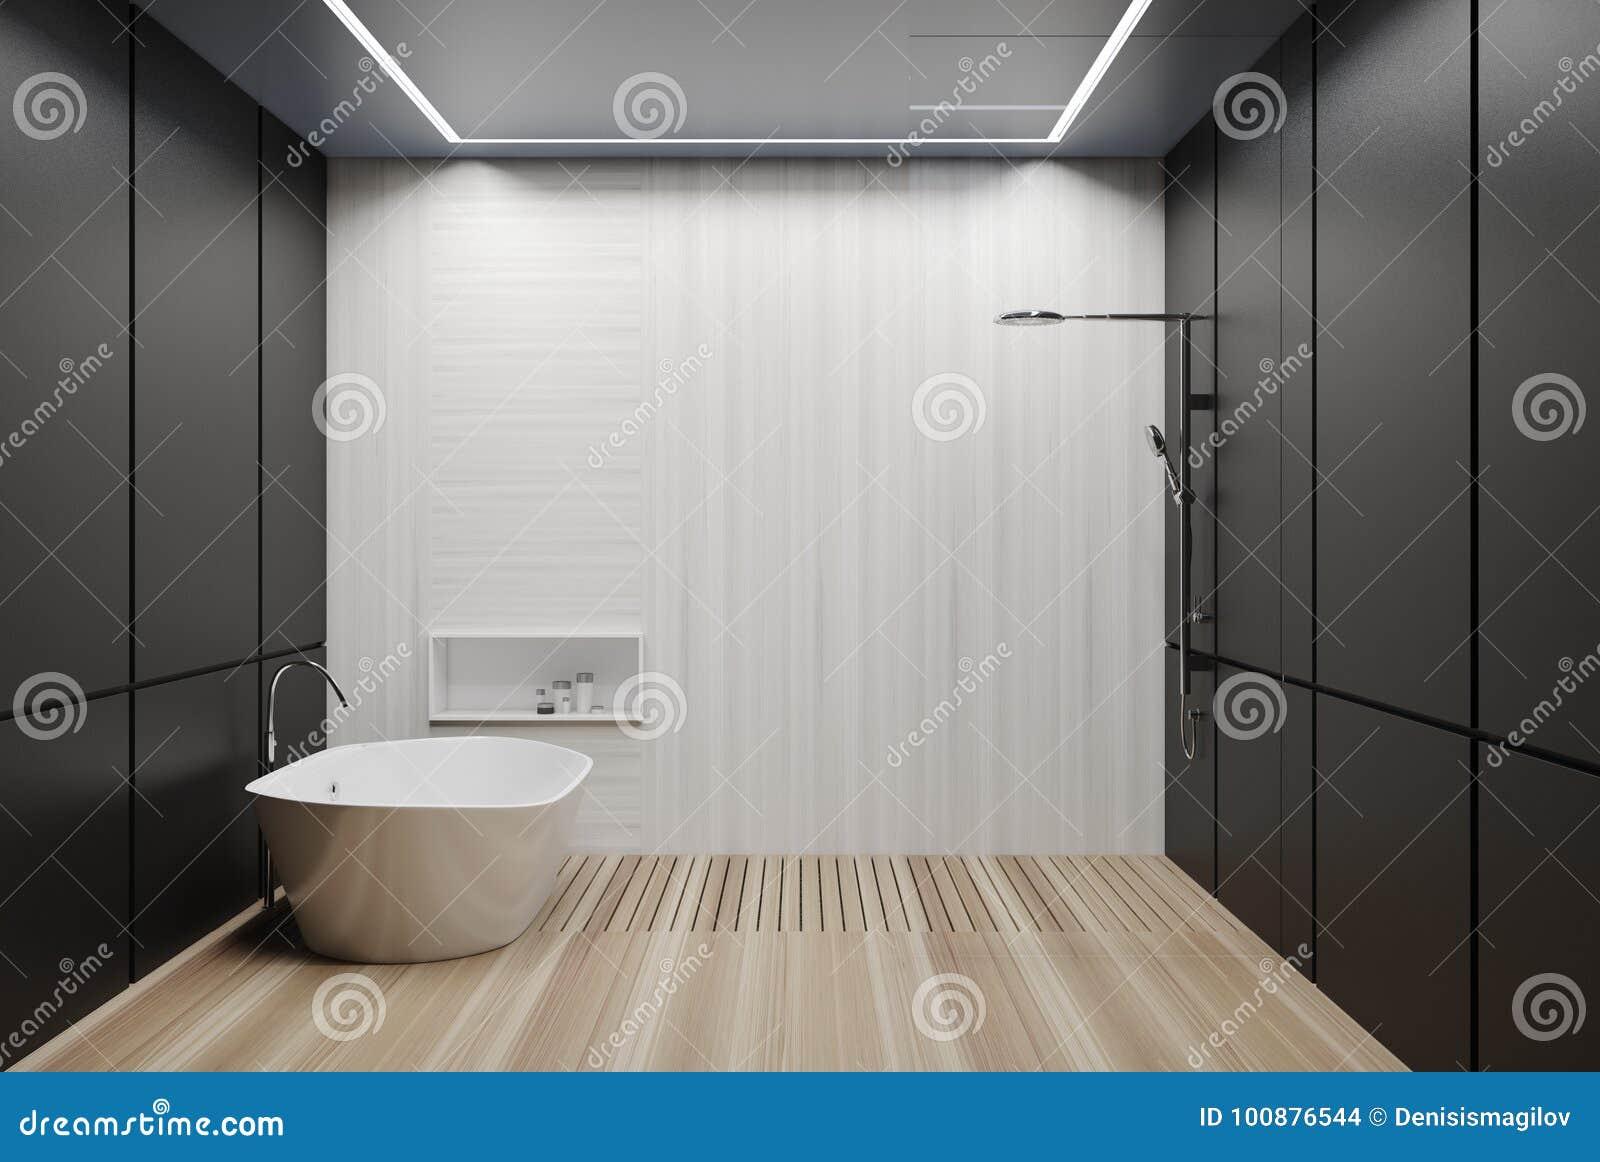 Grijze en witte betegelde badkamers ton en douche stock illustratie